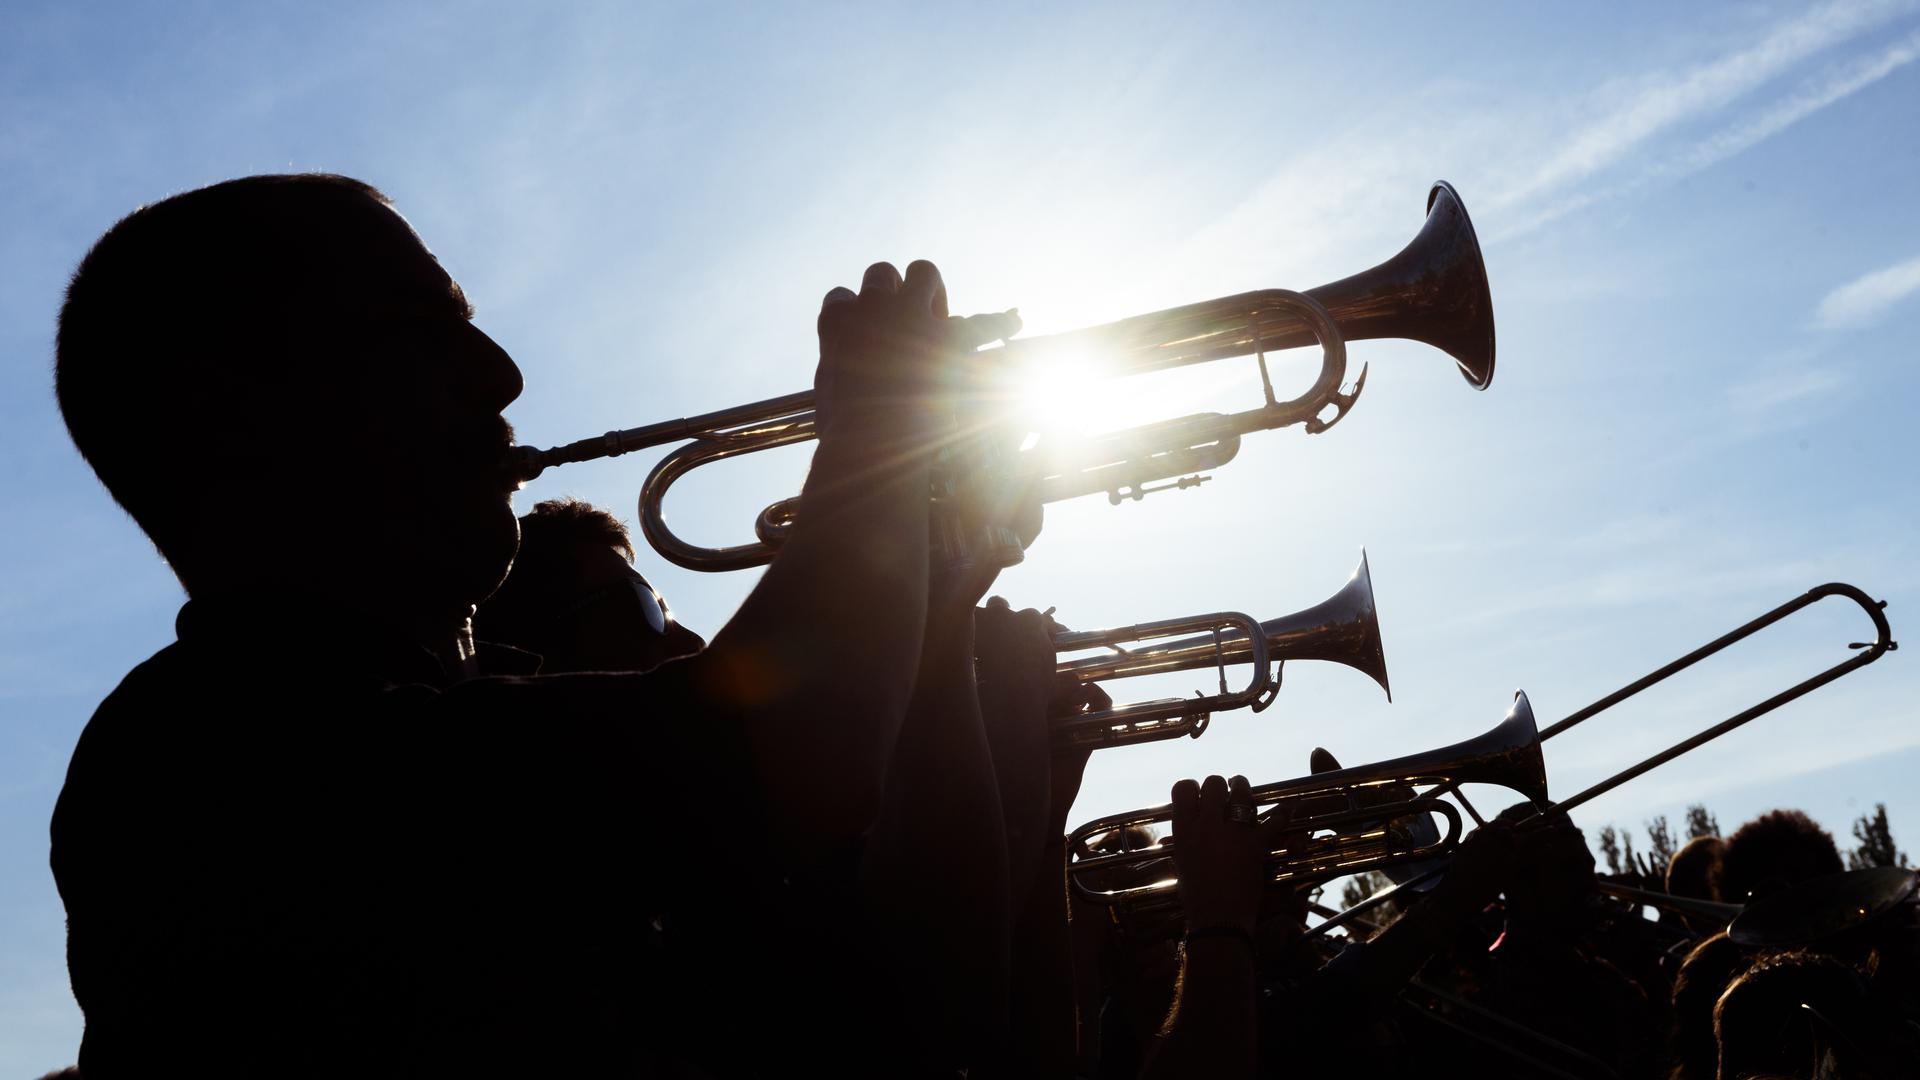 Startschuss für die Blasmusik: Neun Musikvereine aus der Gesamtstadt Achern dürfen bald mit den Proben für kleine Auftritte beginnen: Zu den Sommerferien soll es dann neun Open-Air-Platzkonzerte geben.